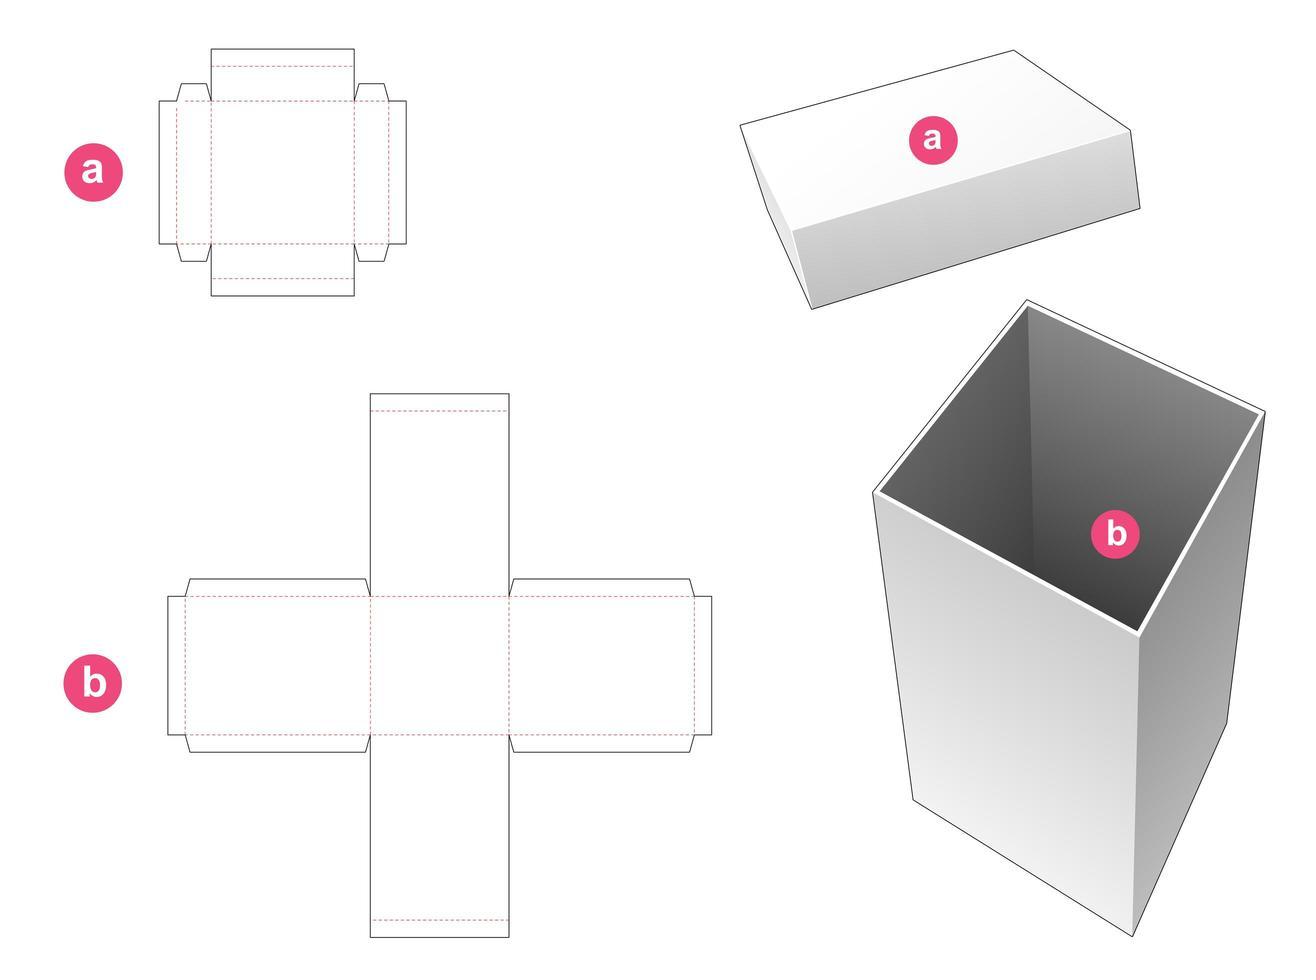 caixa retangular alta e tampa vetor